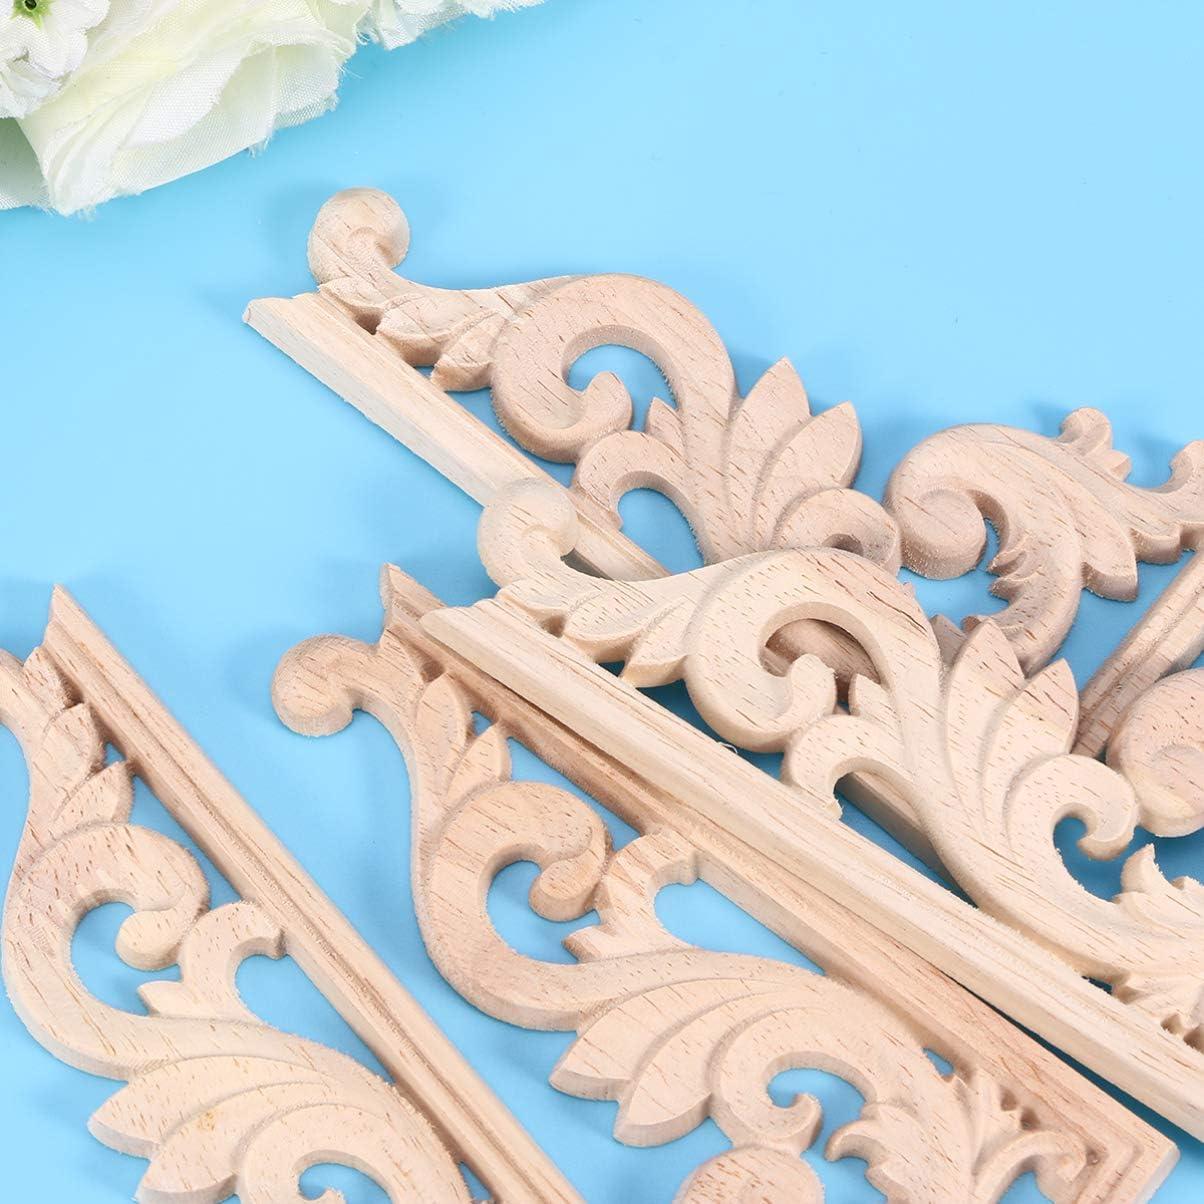 marco de decoraci/ón de puerta de estilo europeo para muebles gabinetes y camas puertas apliques para ventanas HEALLILY Apliques de madera tallada en onlay sin pintar